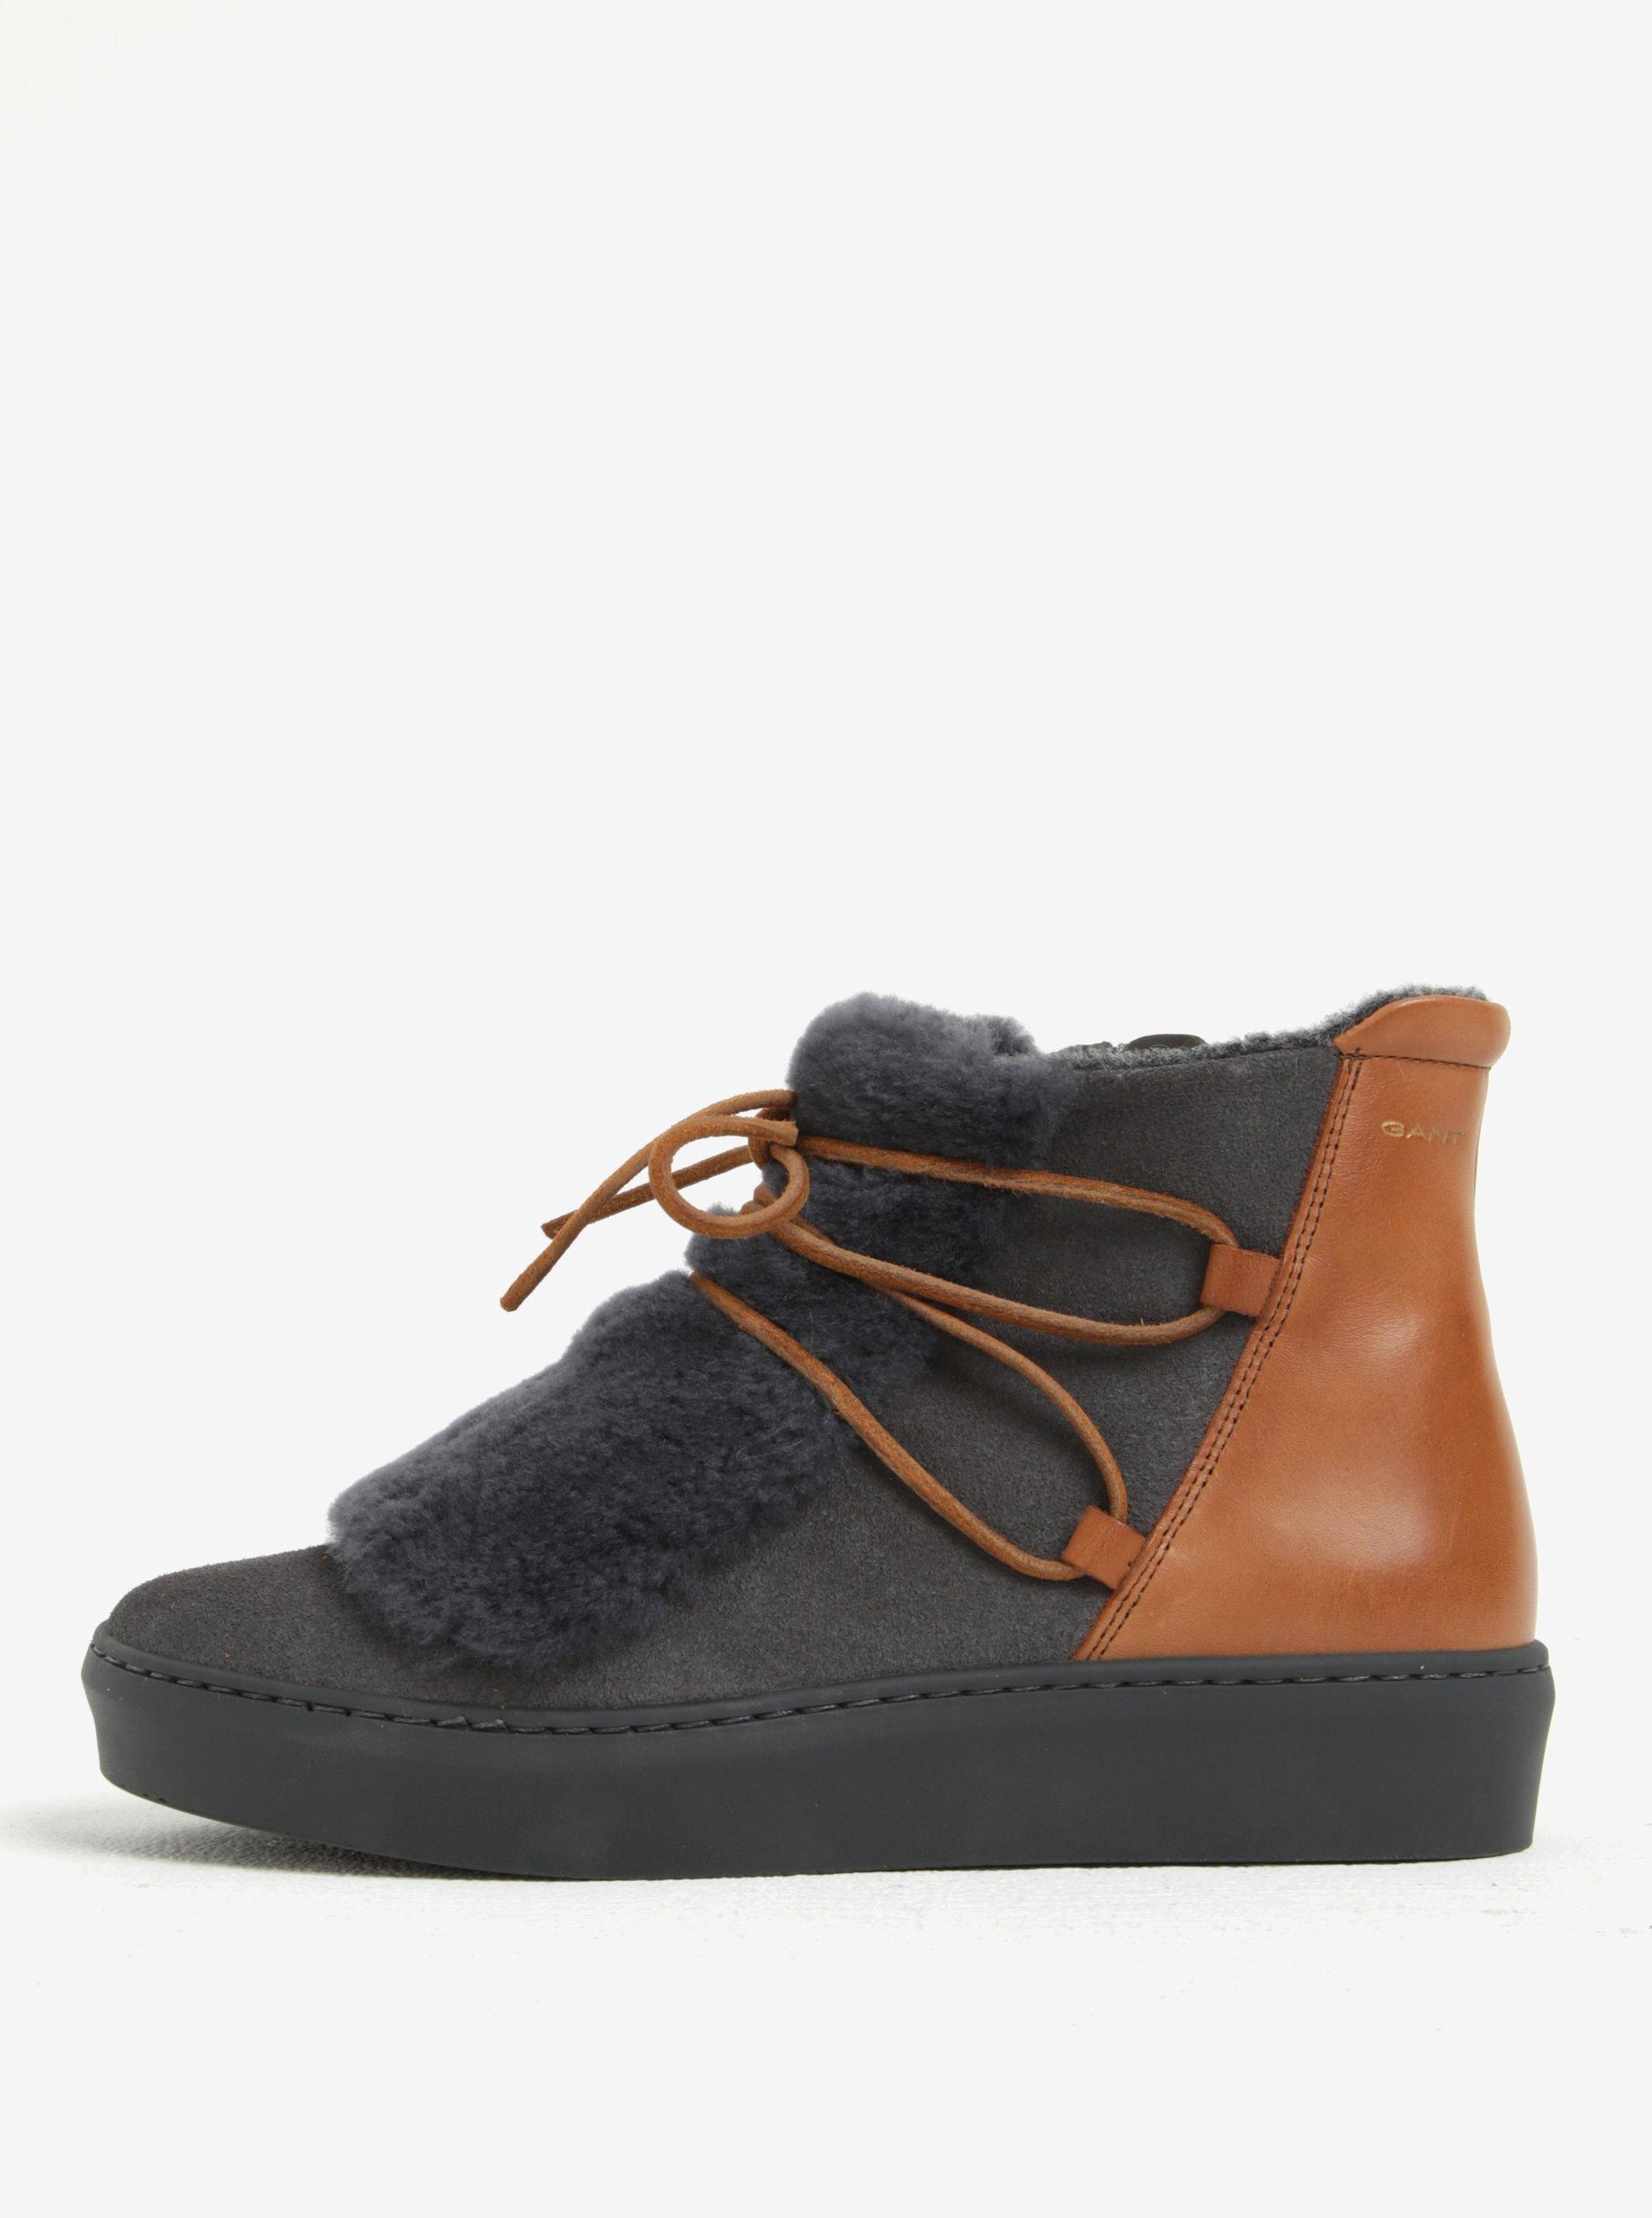 Hnědo-šedé dámské semišové zateplené kotníkové boty s kožíškem GANT Anne